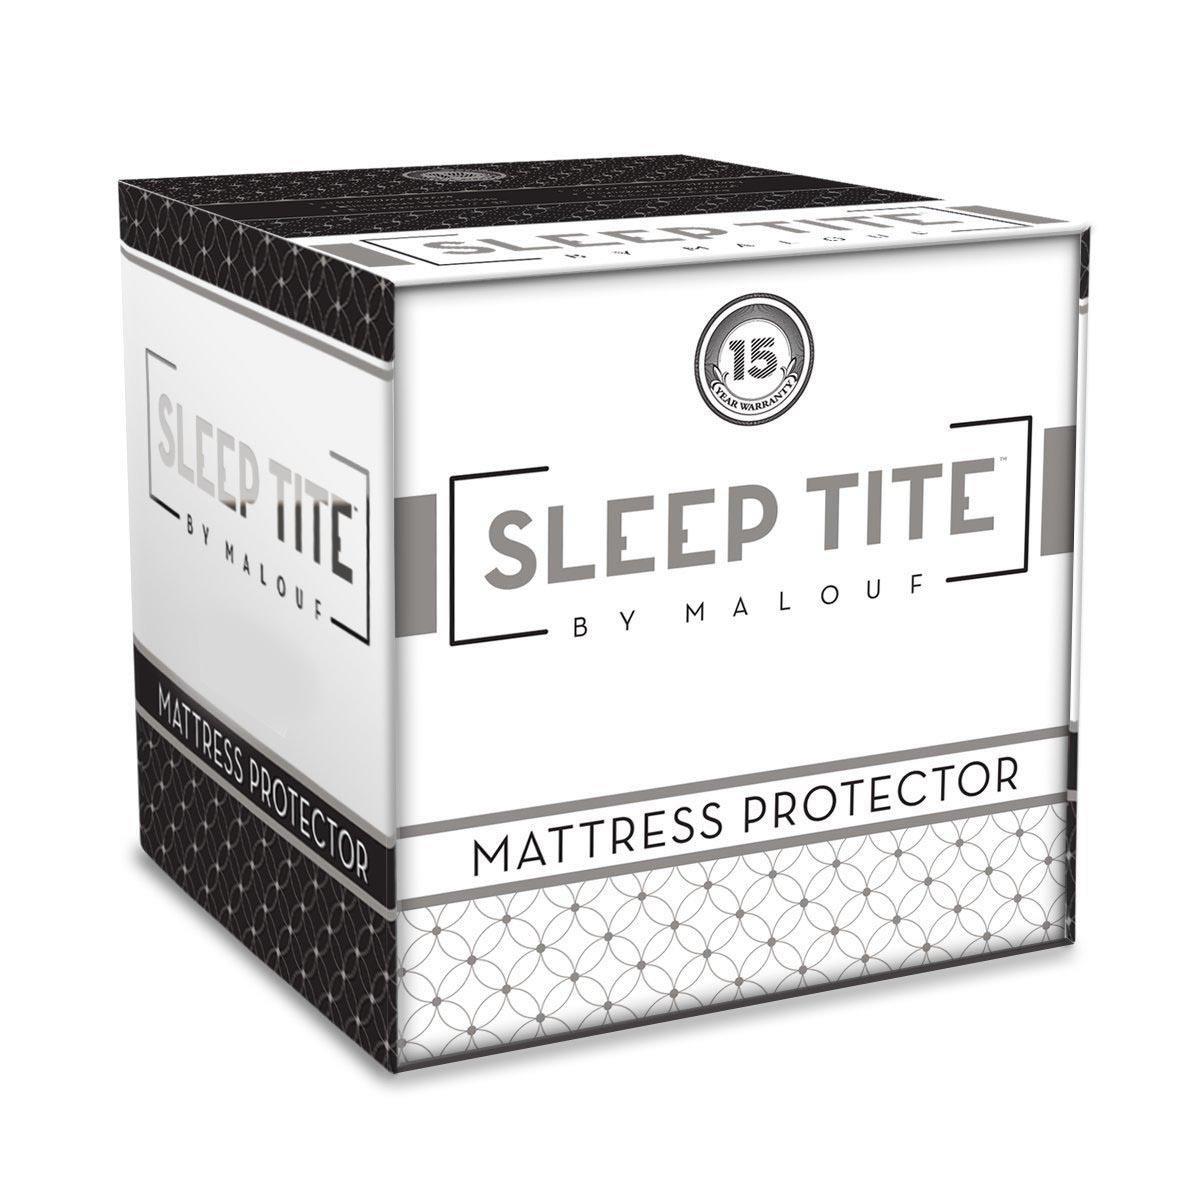 Malouf Mattress Protectors Queen Mattress Protector - Item Number: SLOOQQMP